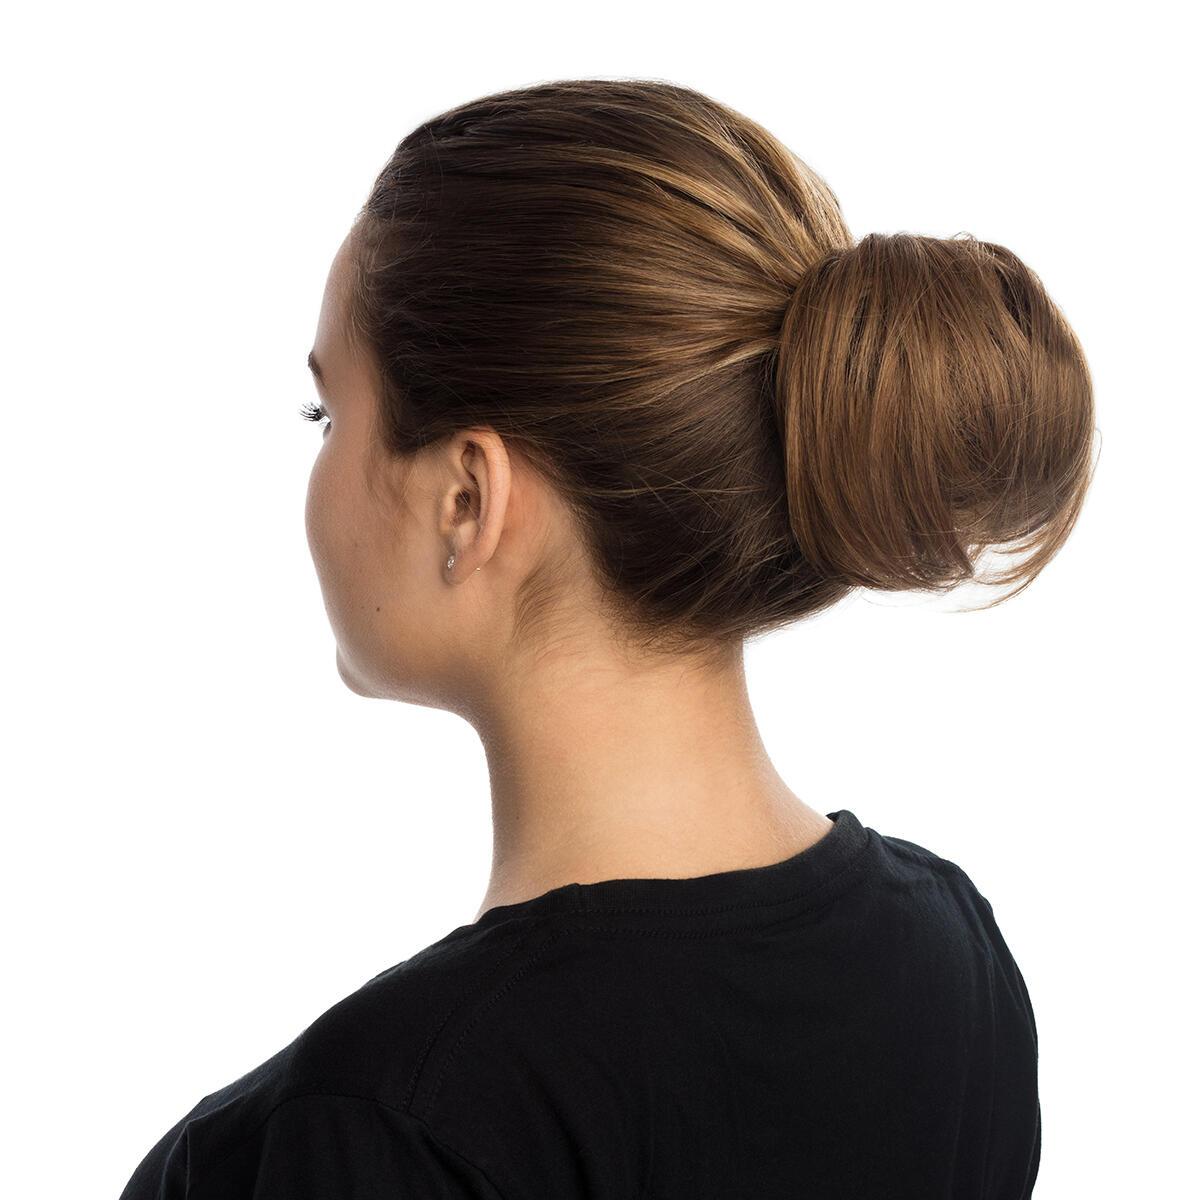 Hair Scrunchie 20 G Scrunchie with real hair 7.5 Dark Blonde